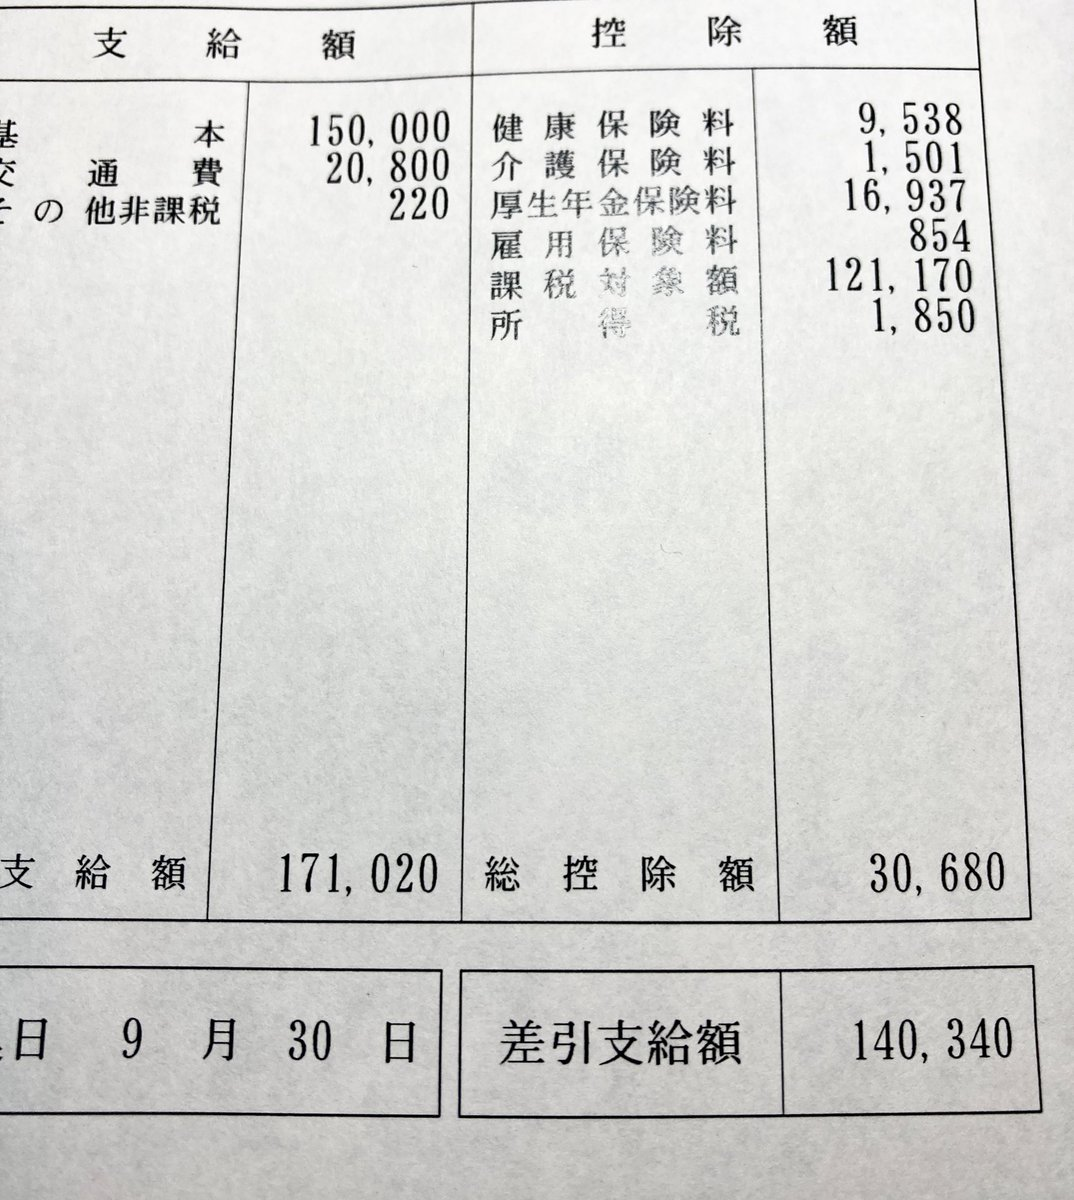 倍 残業 クソ雑魚保育園 家賃補助 給料に関連した画像-02